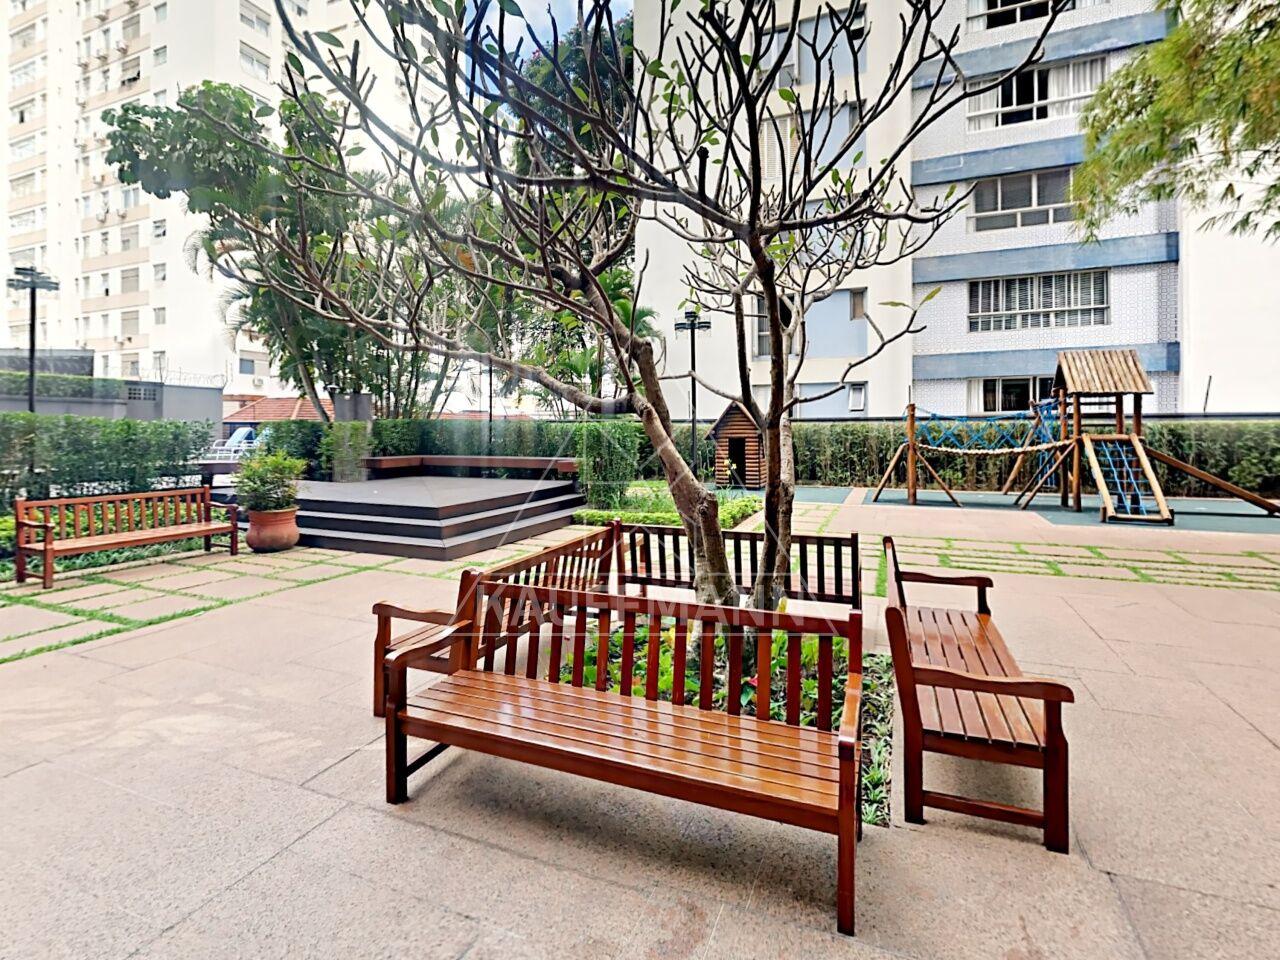 apartamento-venda-sao-paulo-jardim-paulista-regency-5dormitorios-4suites-5vagas-600m2-Foto49